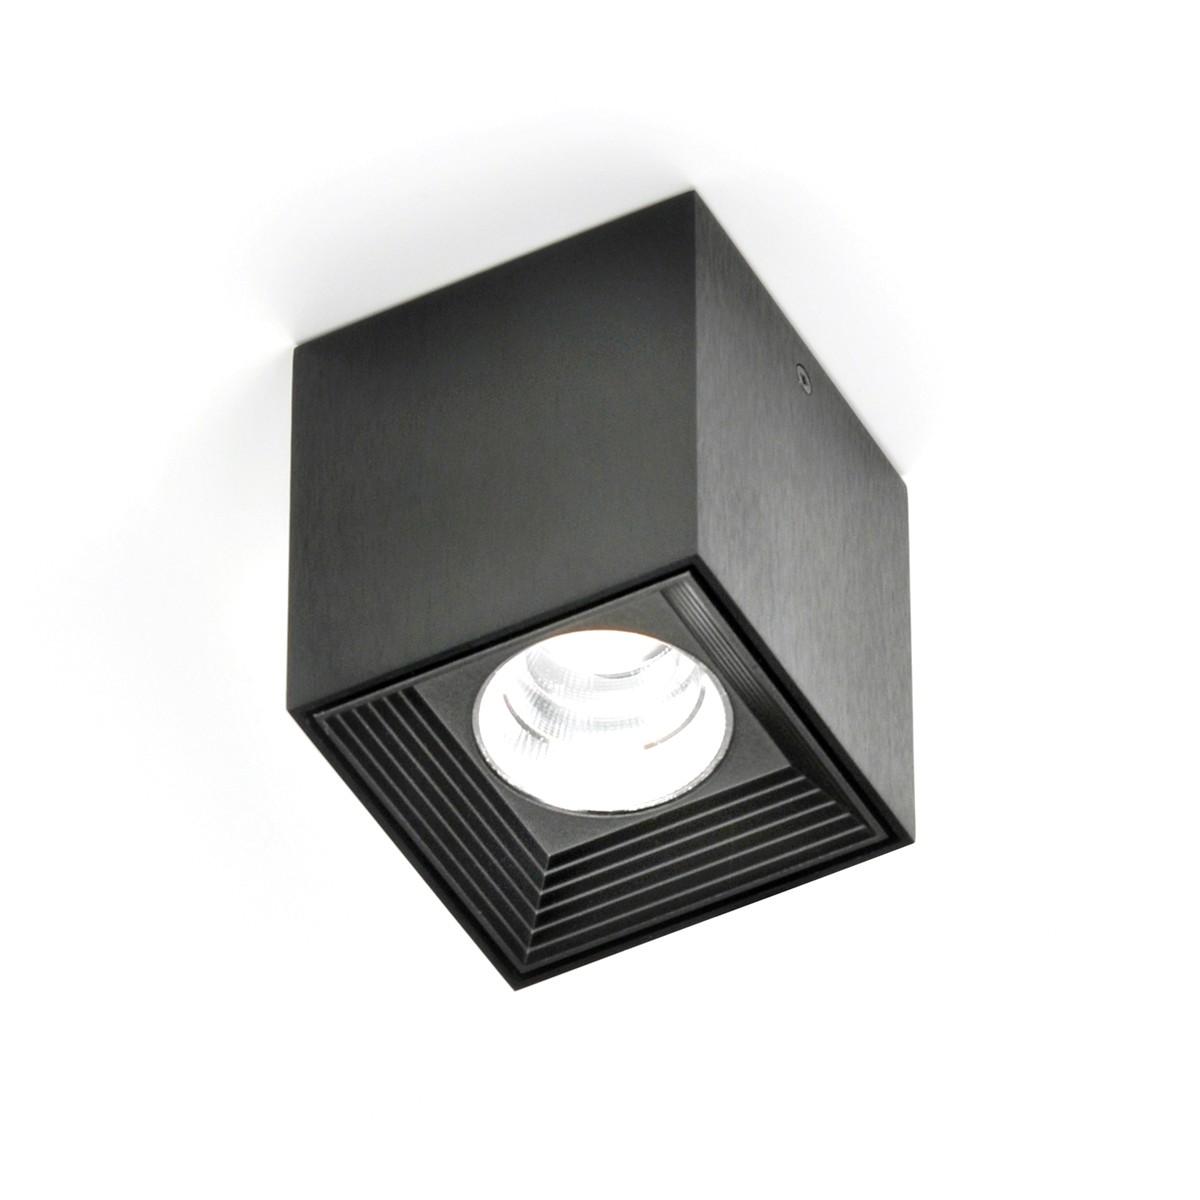 Milan Dau Spot LED Deckenstrahler, schwarz satiniert gebürstet